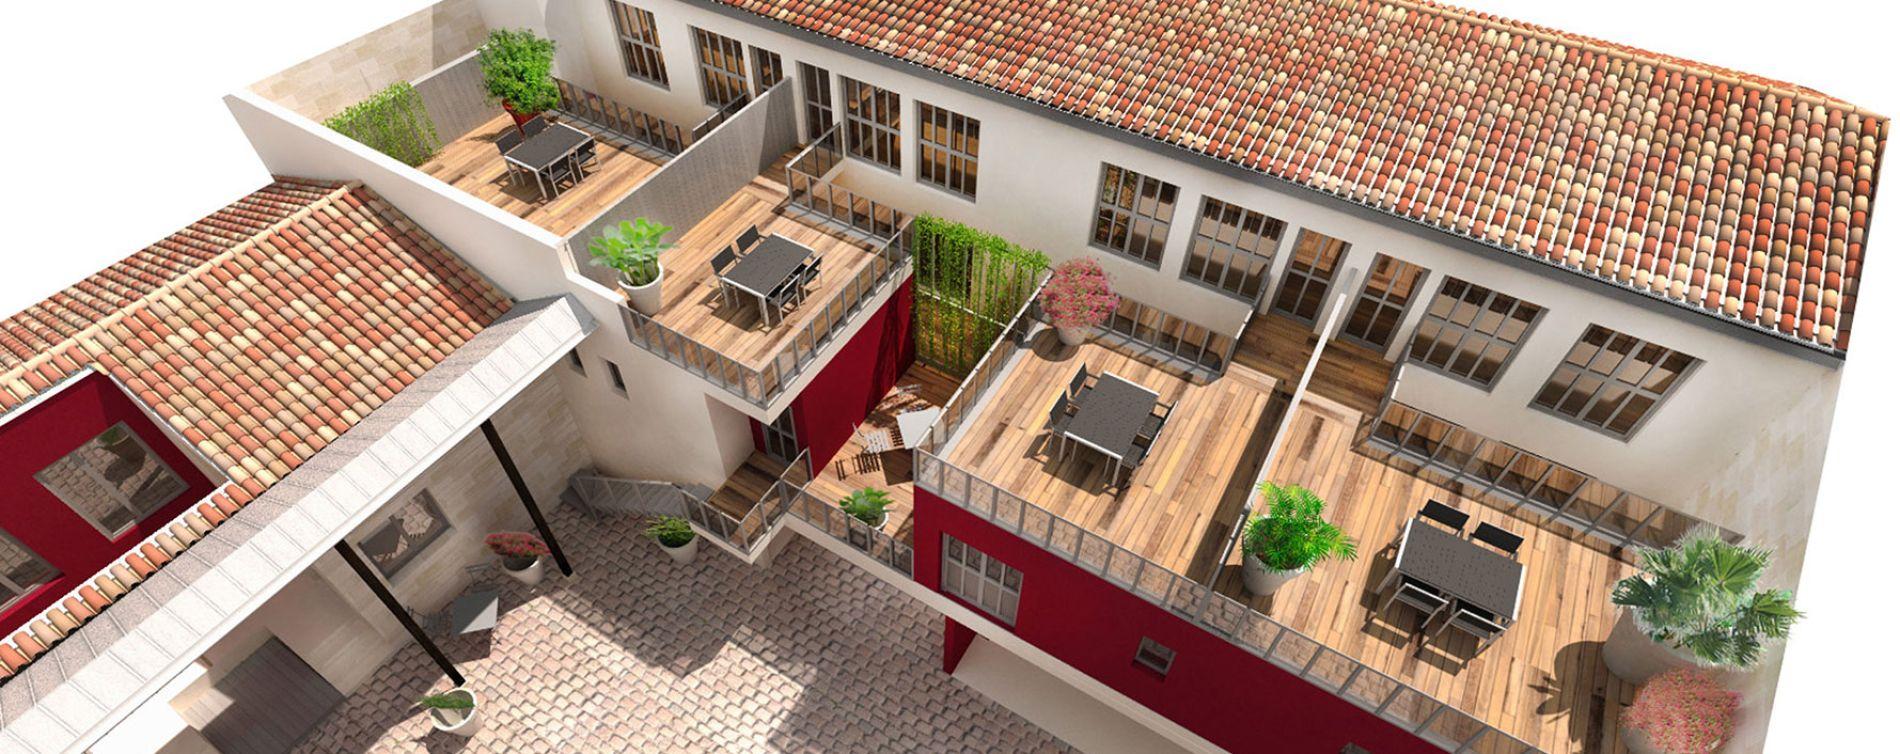 Le clos de la bastide bordeaux programme immobilier neuf for Bordeaux bastide immobilier